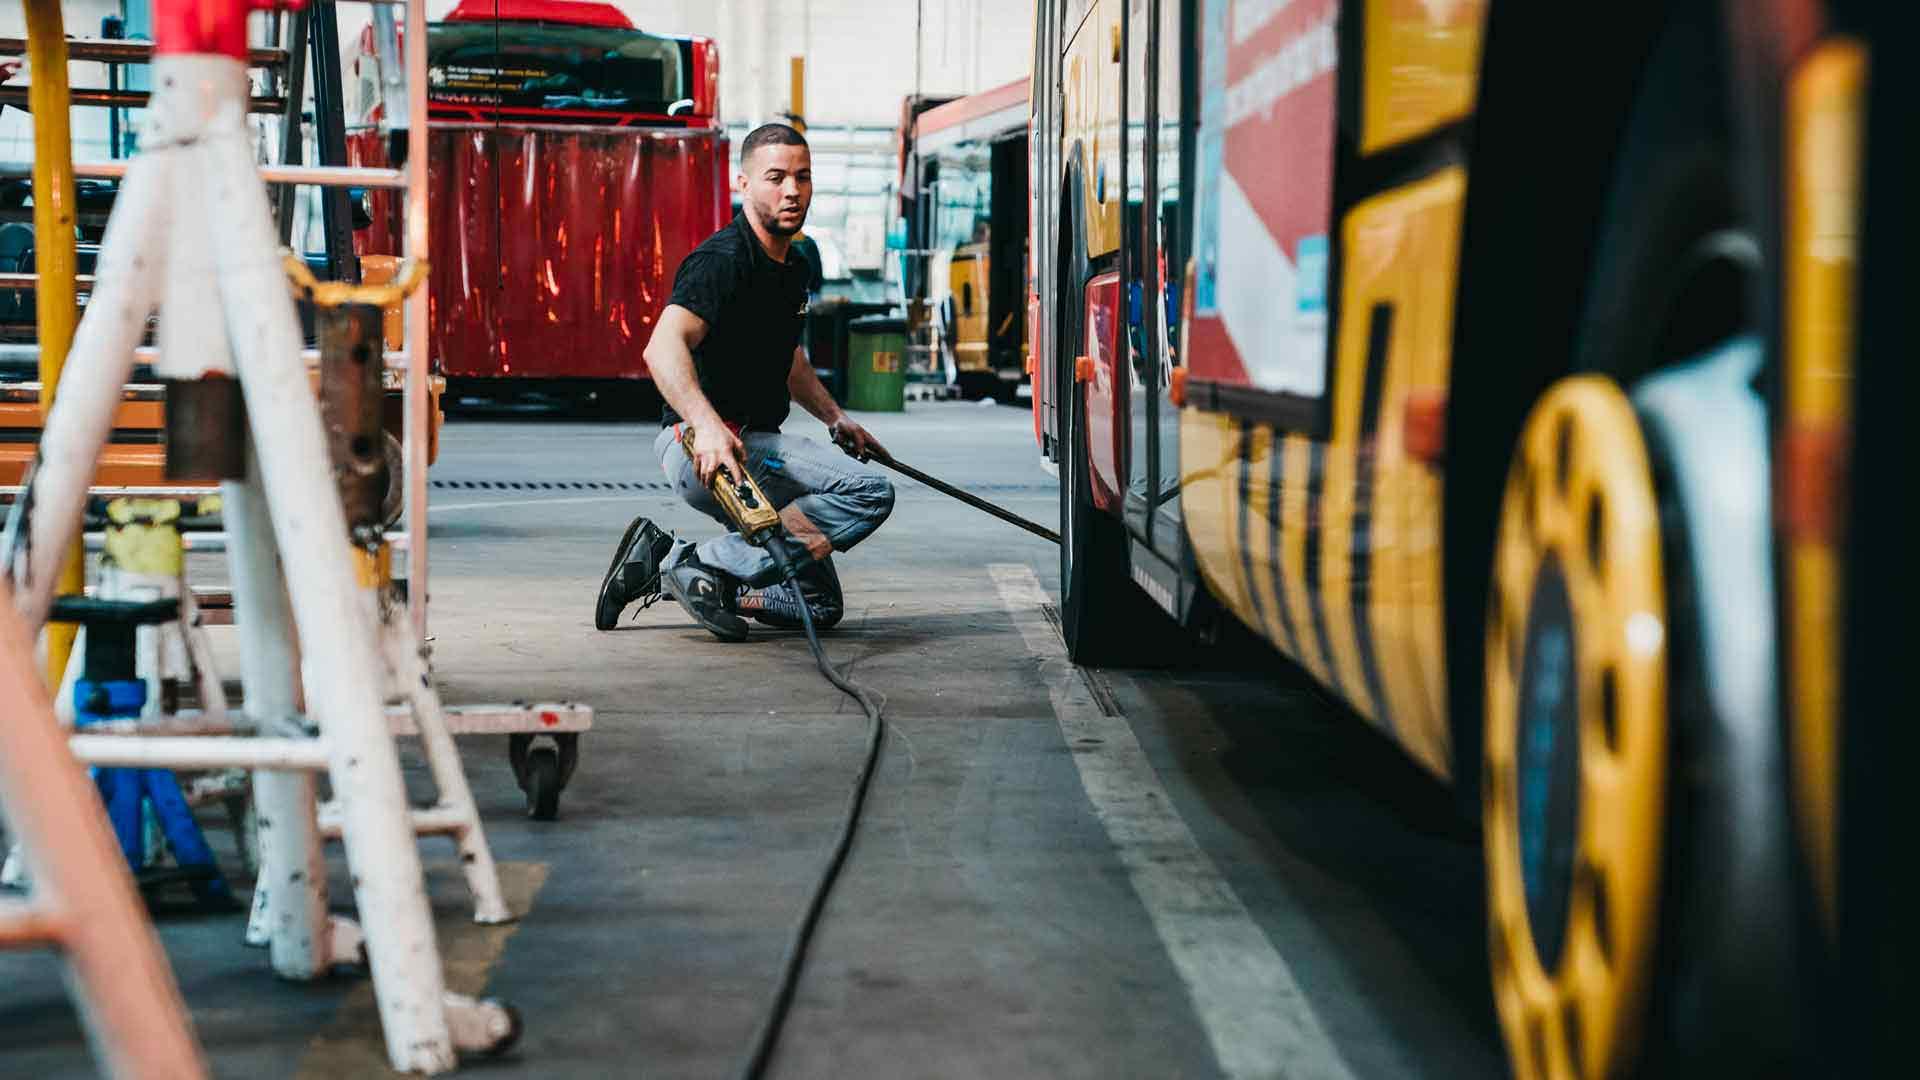 Soléa : Avant chaque sortie, les bus sont désinfectés intérieurement et nettoyés extérieurement. Une maintenance régulière est aussi effectuée, à titre préventif ou correctif